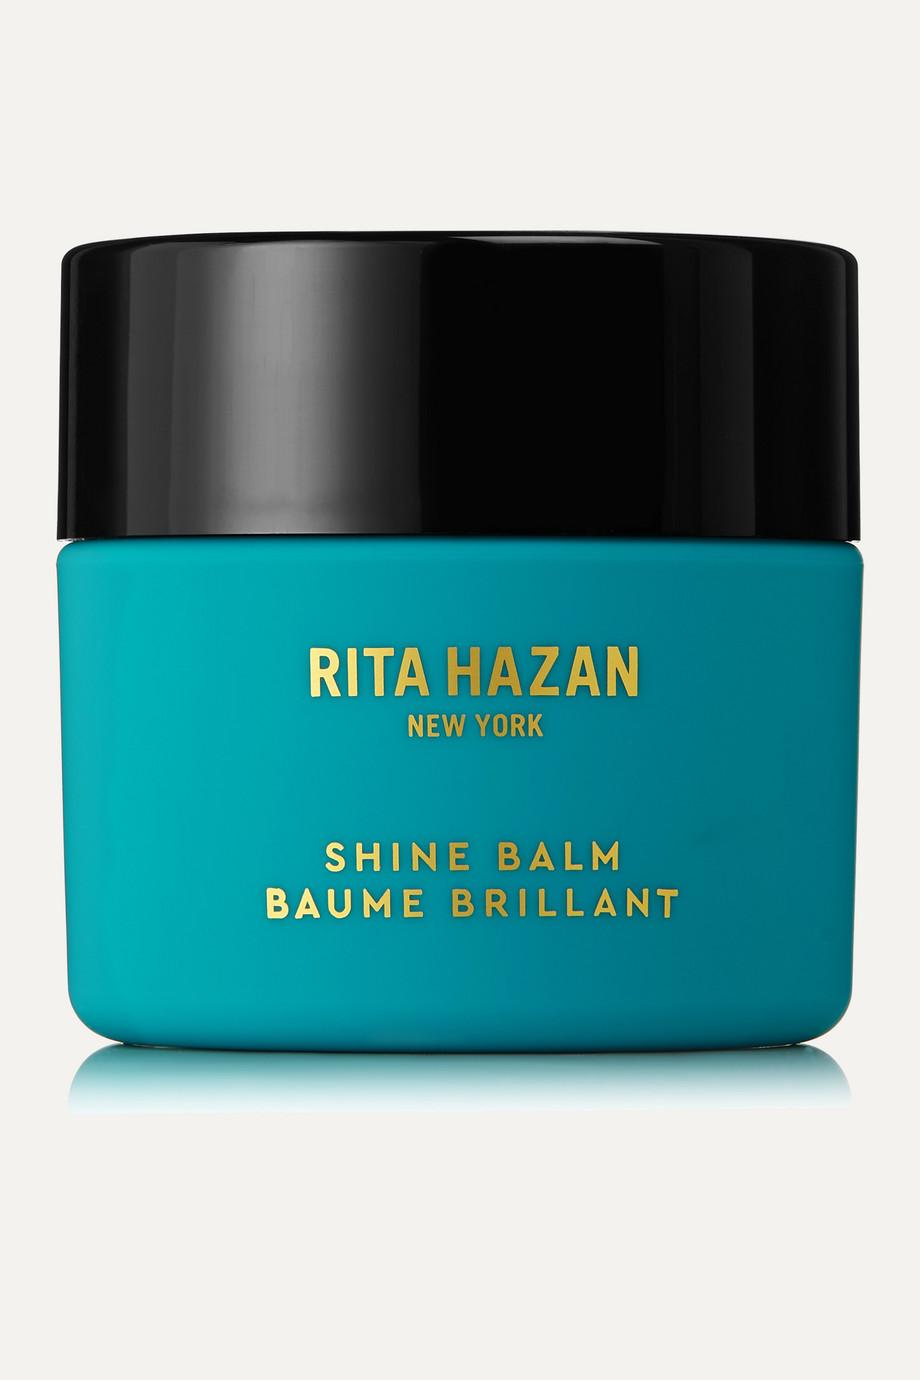 Rita Hazan Shine Balm, 45g